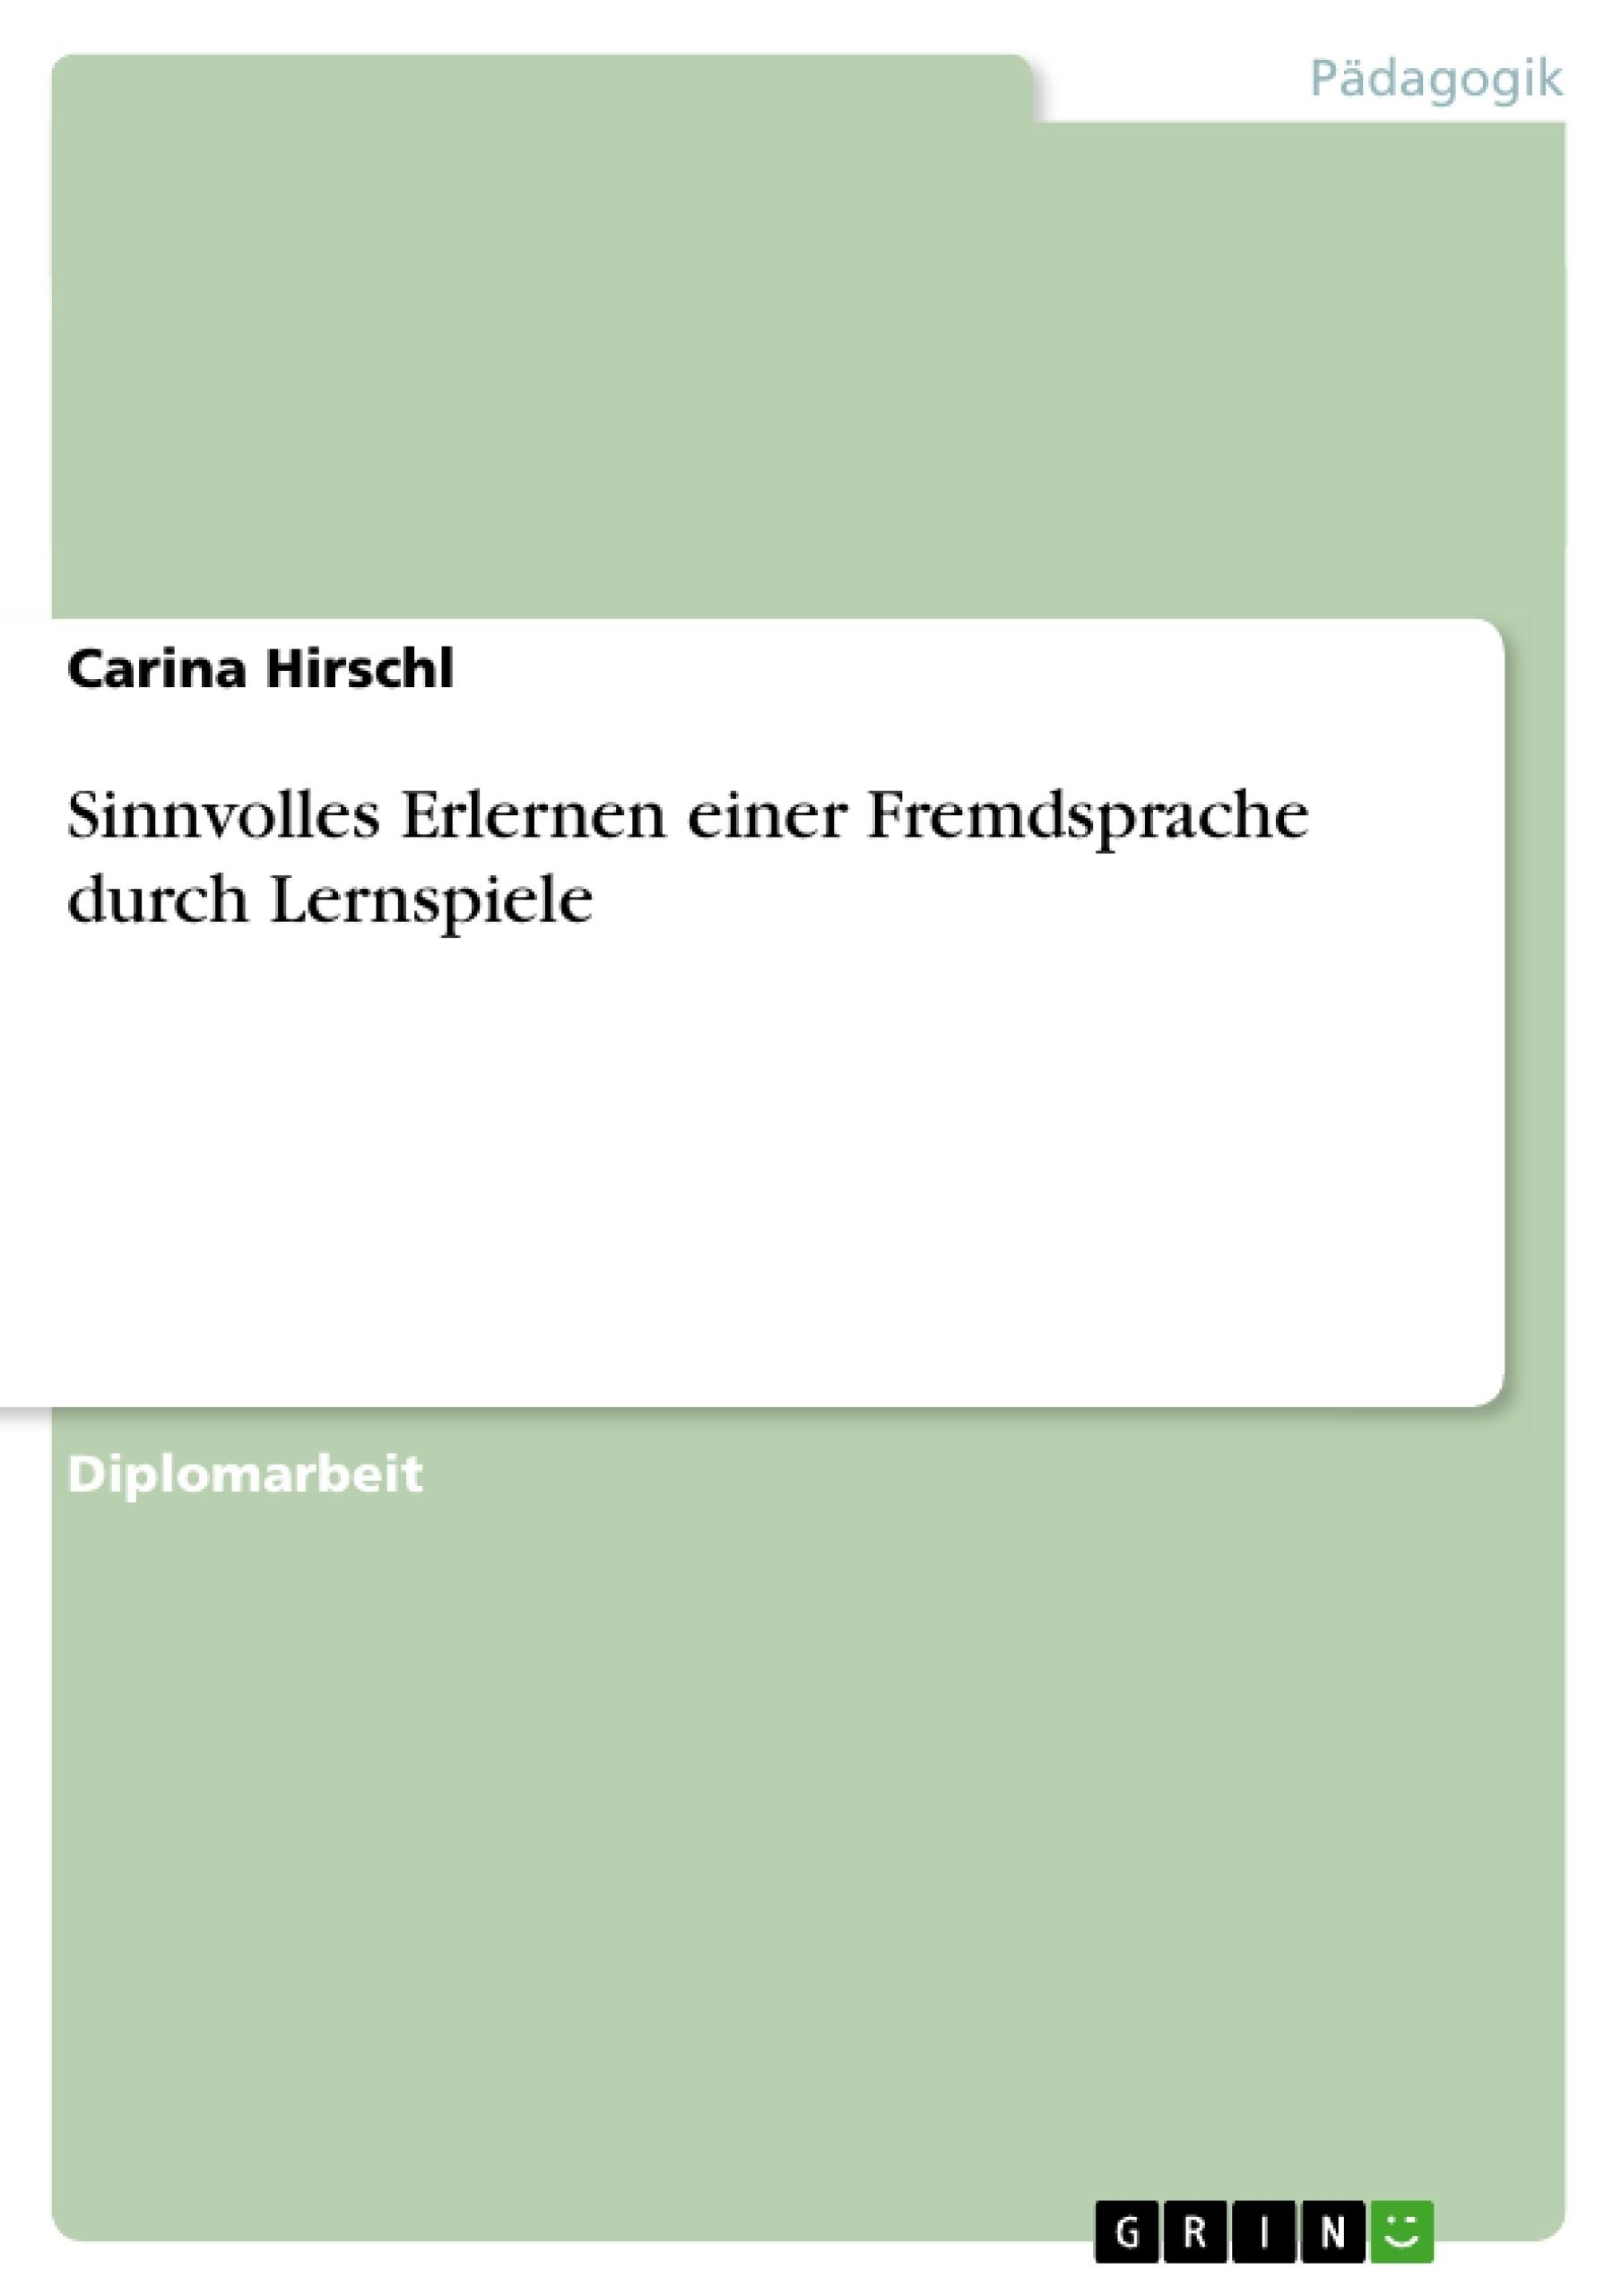 Titel: Sinnvolles Erlernen einer Fremdsprache durch Lernspiele